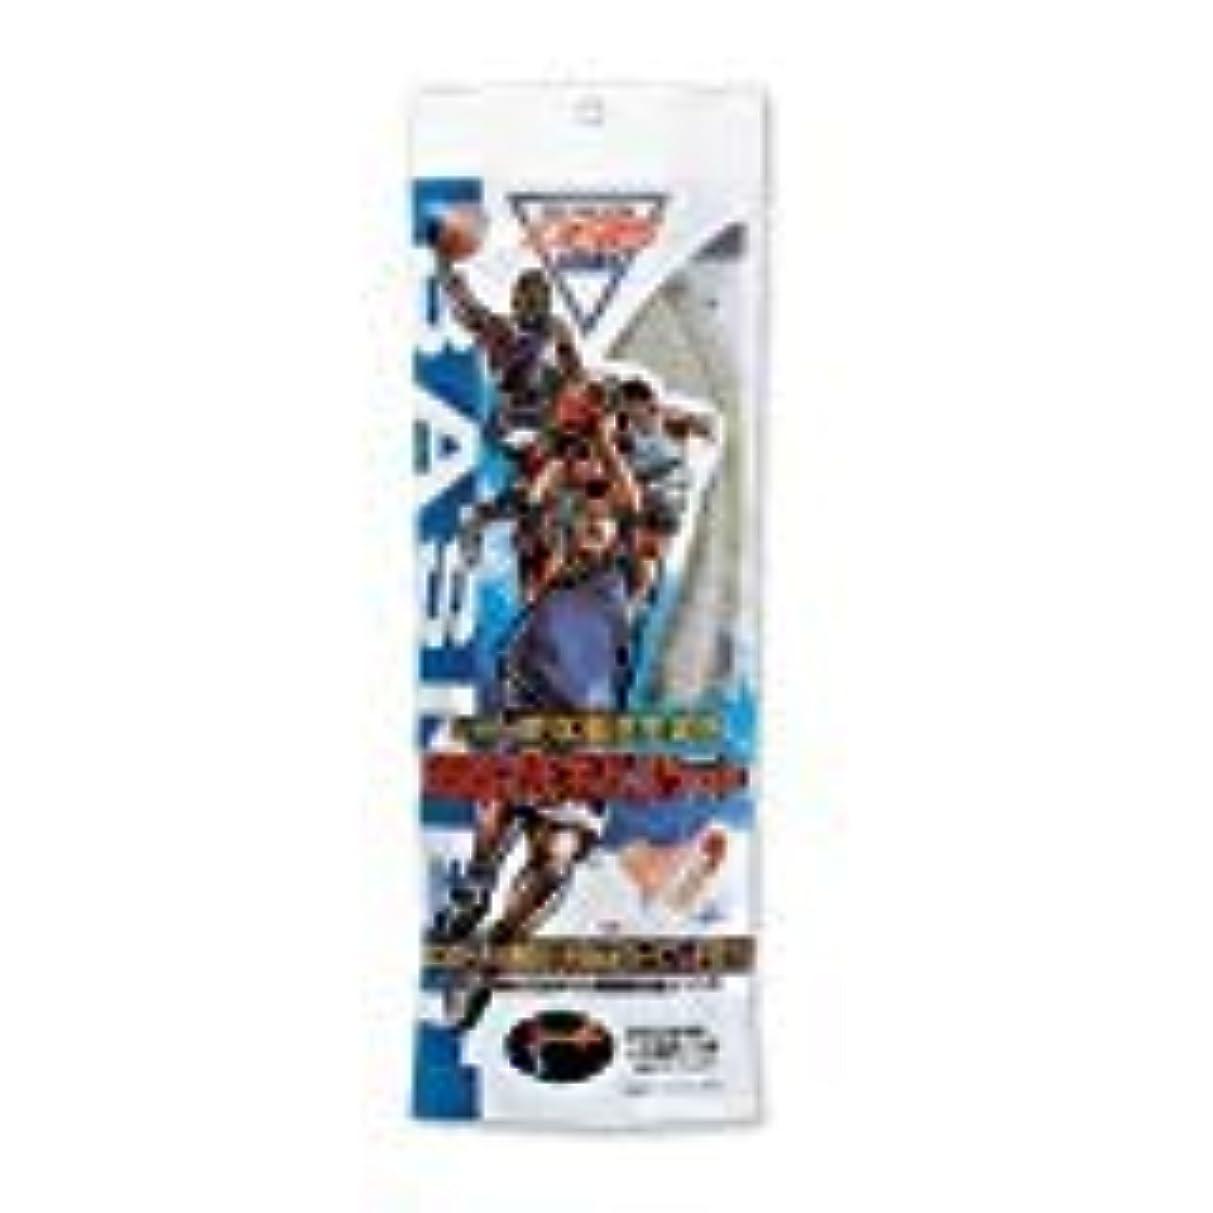 仕方クリーナースキッパーDSIS ソルボ バスケット (【3L】29.5-31cm) 61402